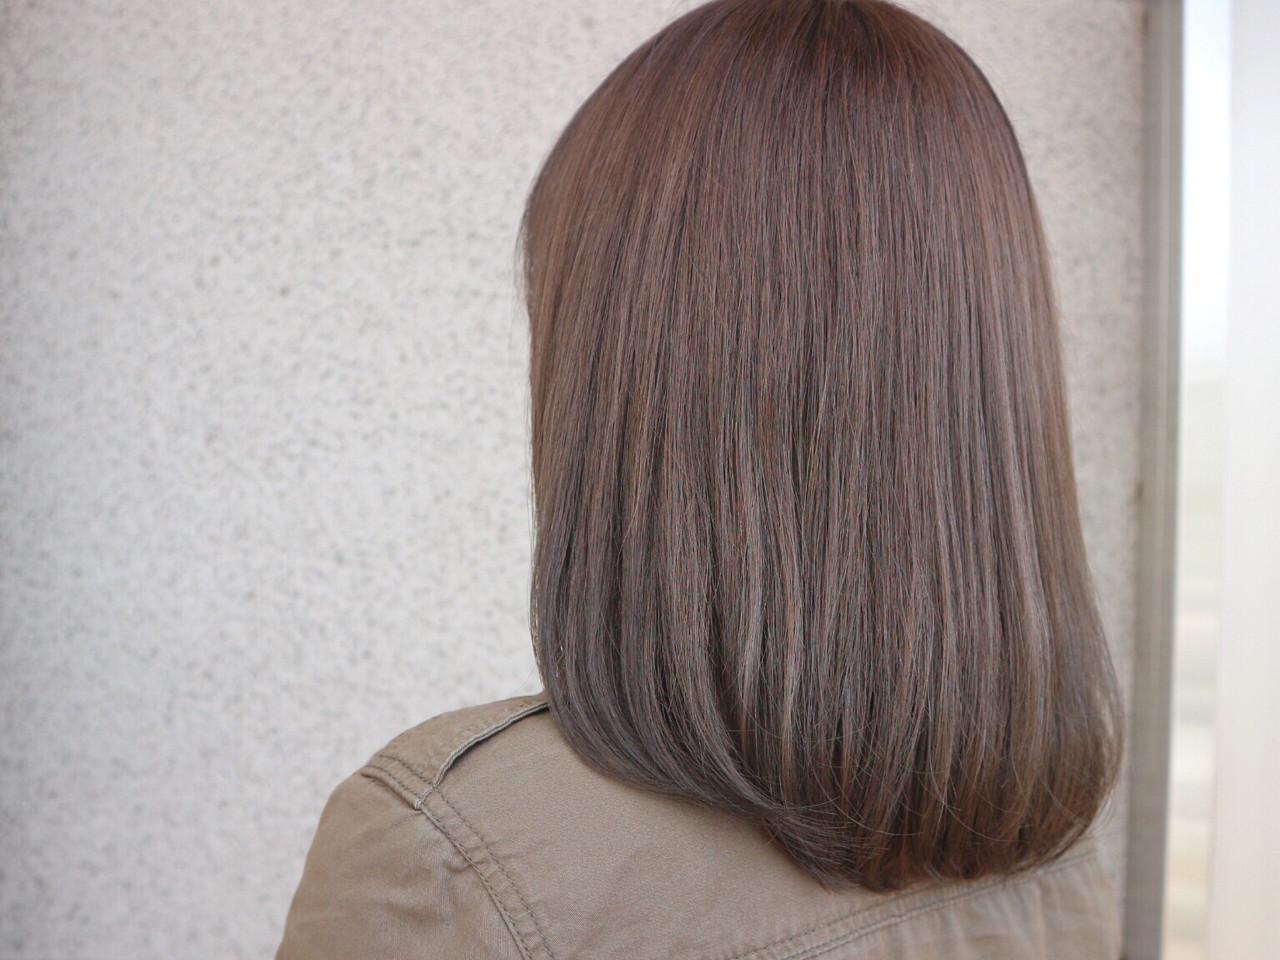 モード 色気 アッシュ 透明感 ヘアスタイルや髪型の写真・画像